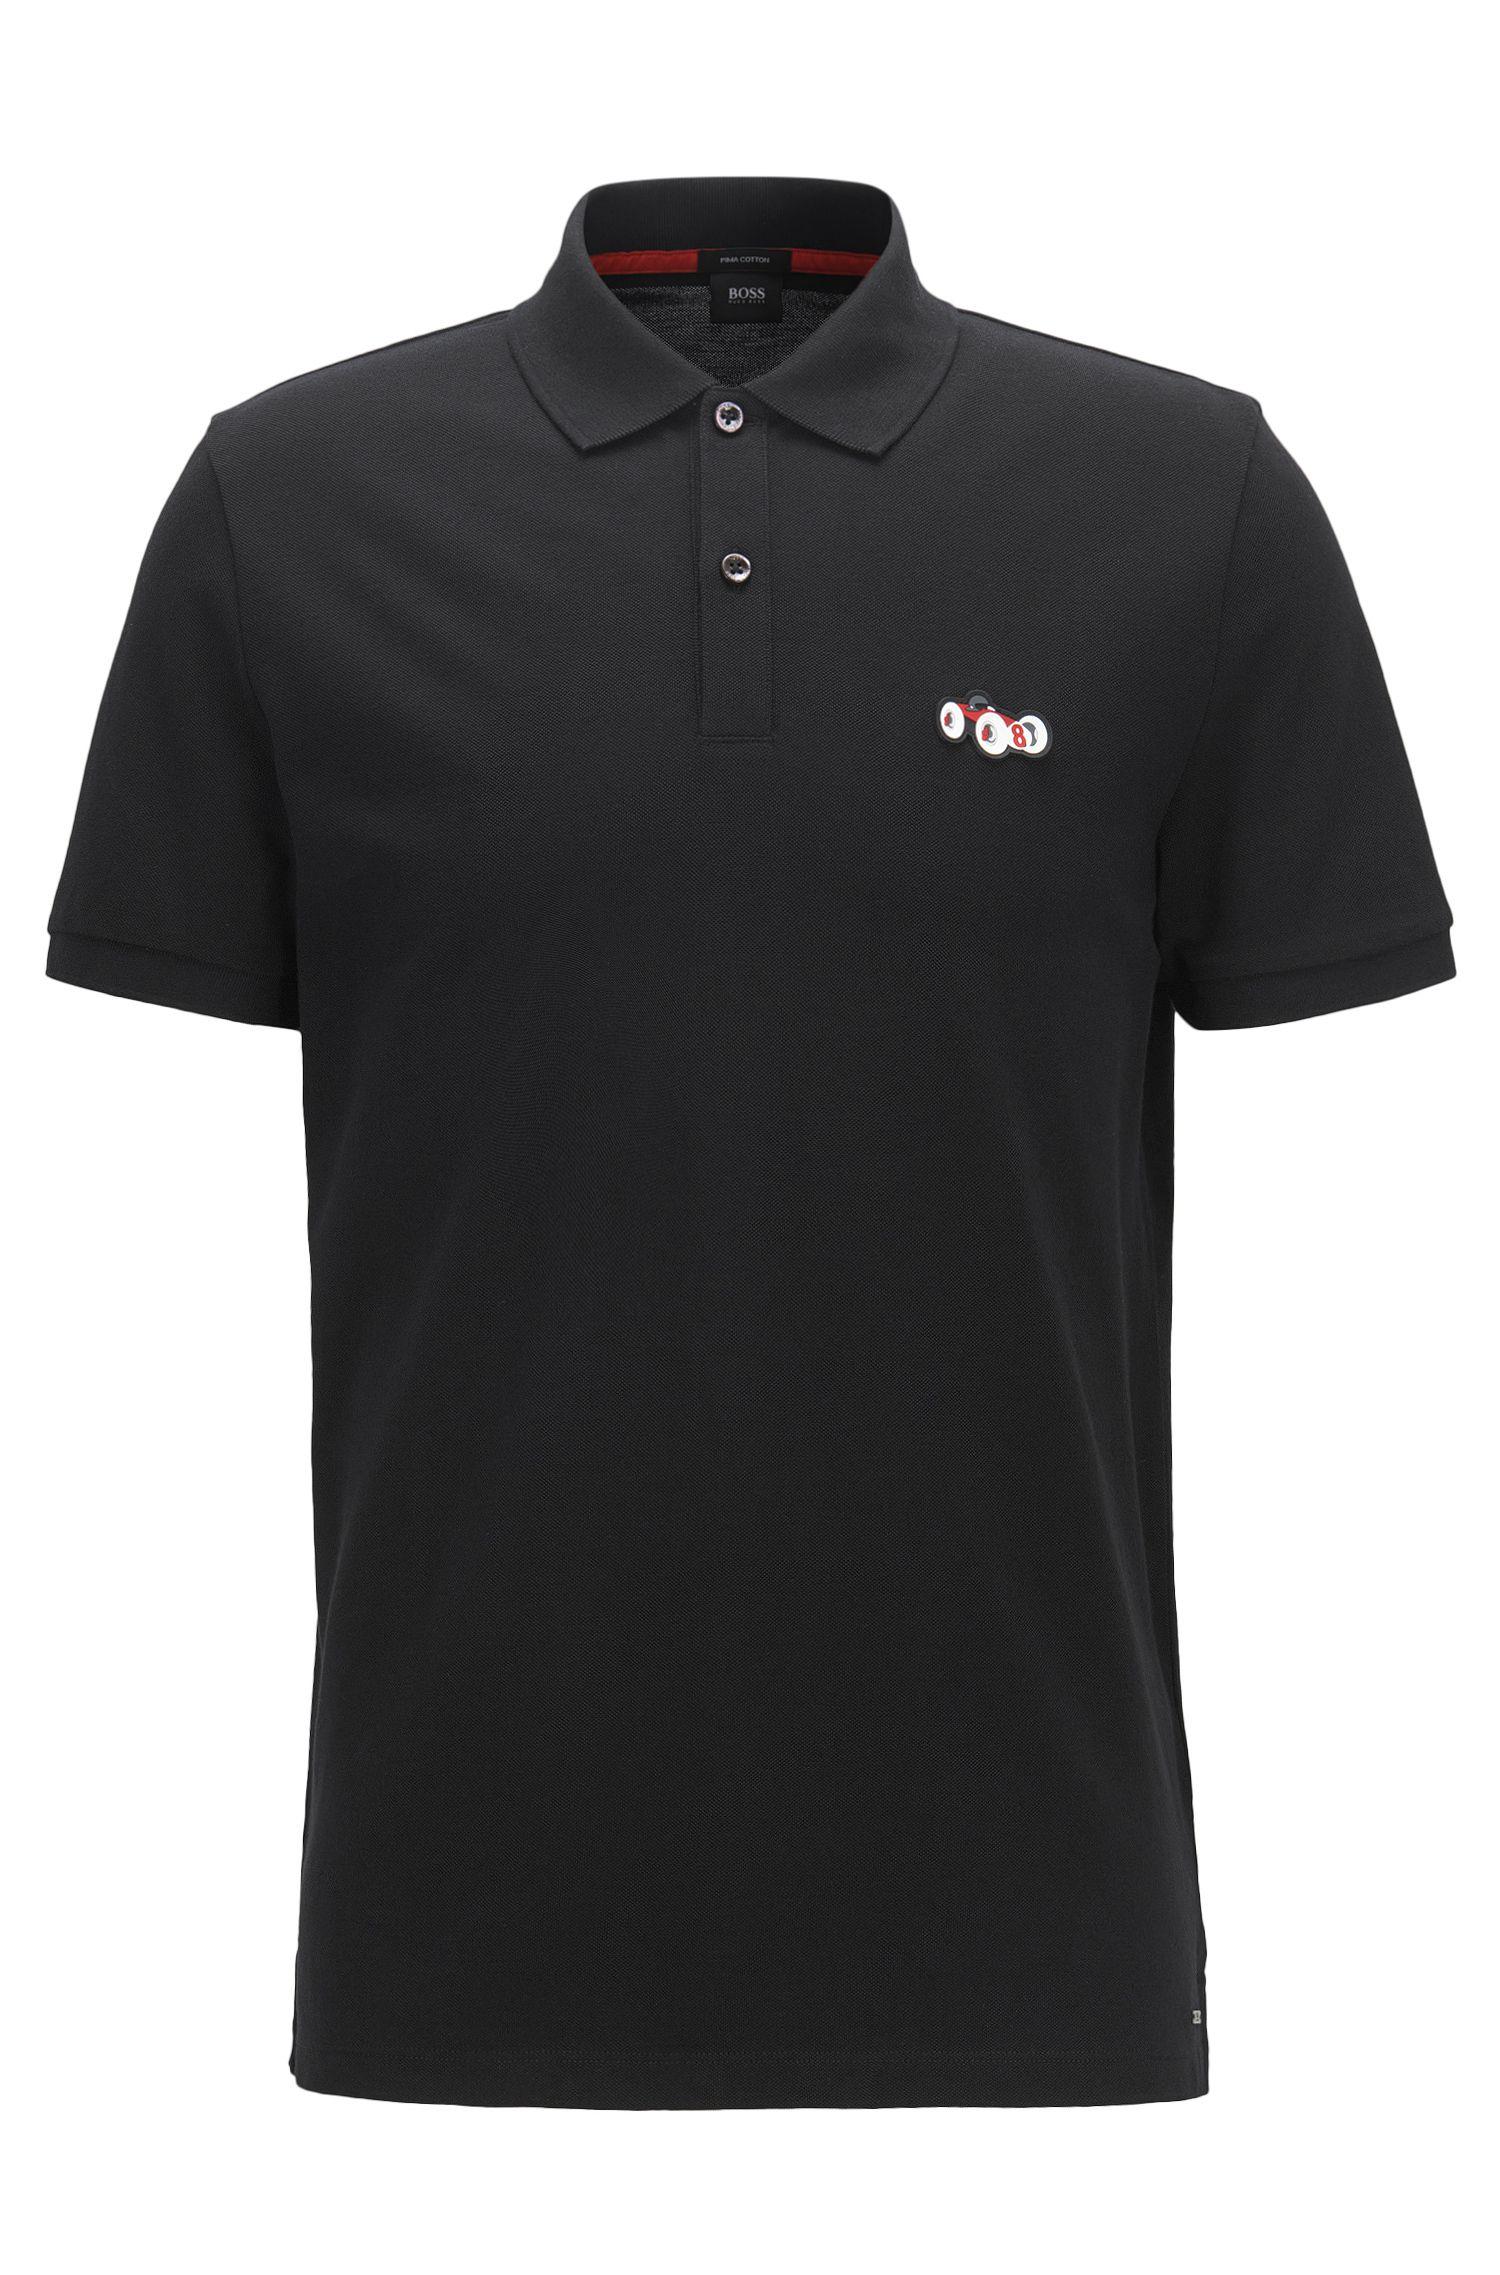 Regular-Fit Poloshirt aus Baumwolle mit Rennwagen-Motiv, Schwarz